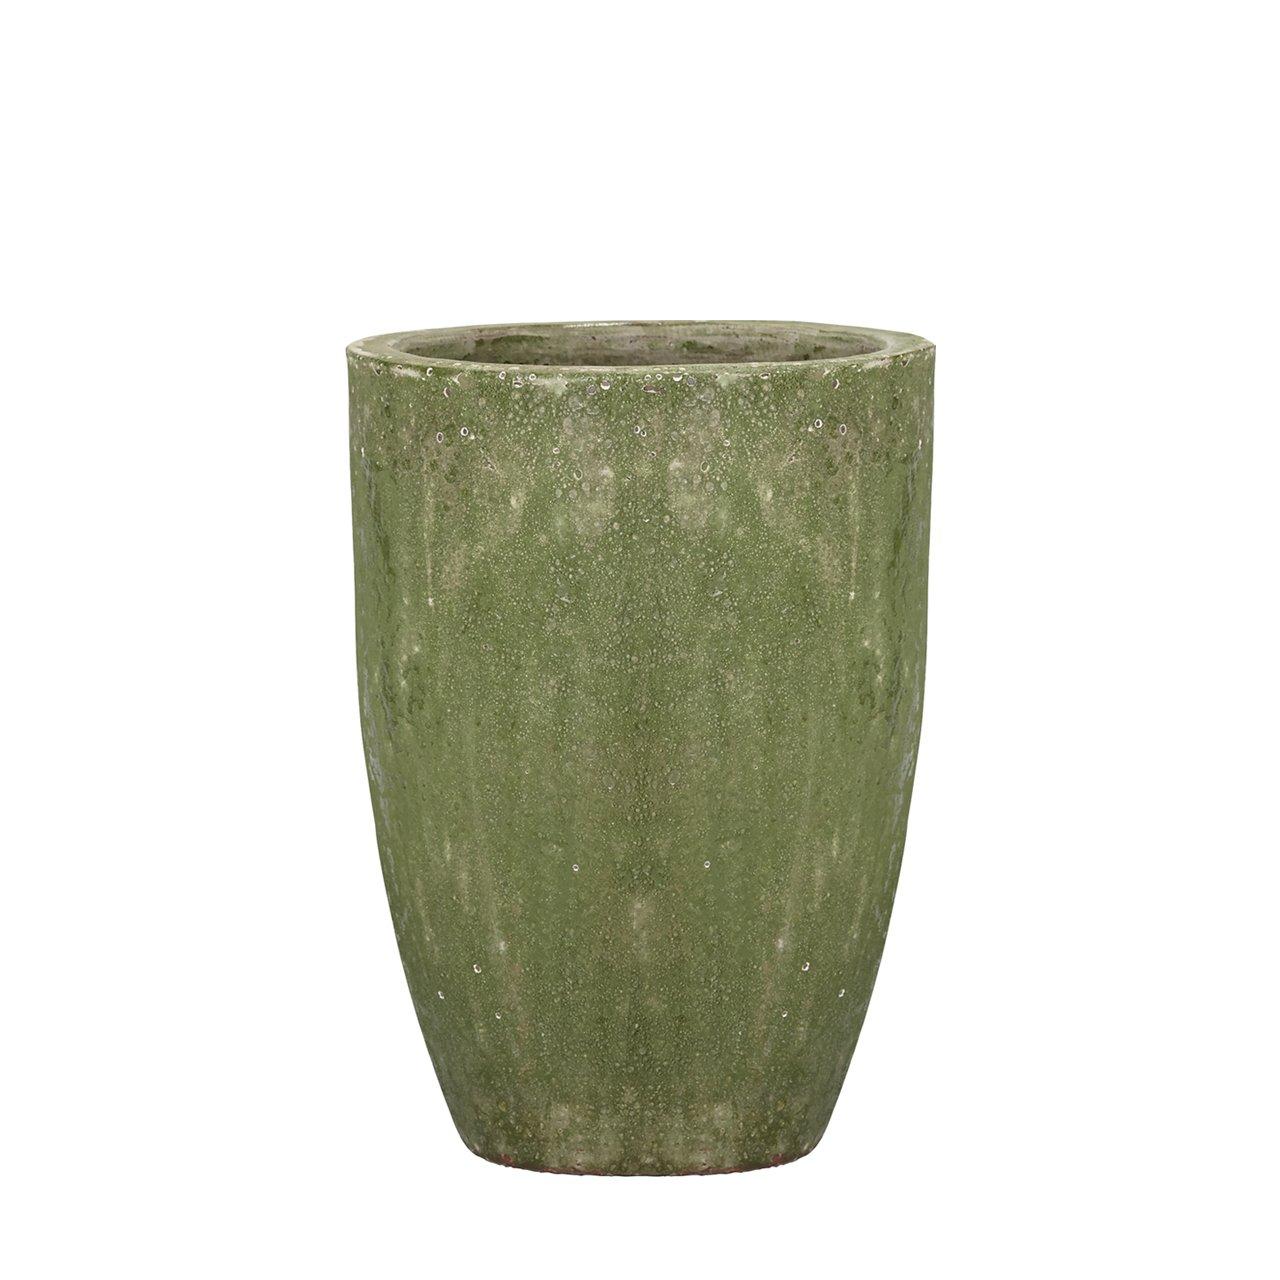 植木鉢 大型中型 アガス ソニア トール S 9号 グリーン B07CXMD8PJ S 9号|グリーン グリーン S 9号